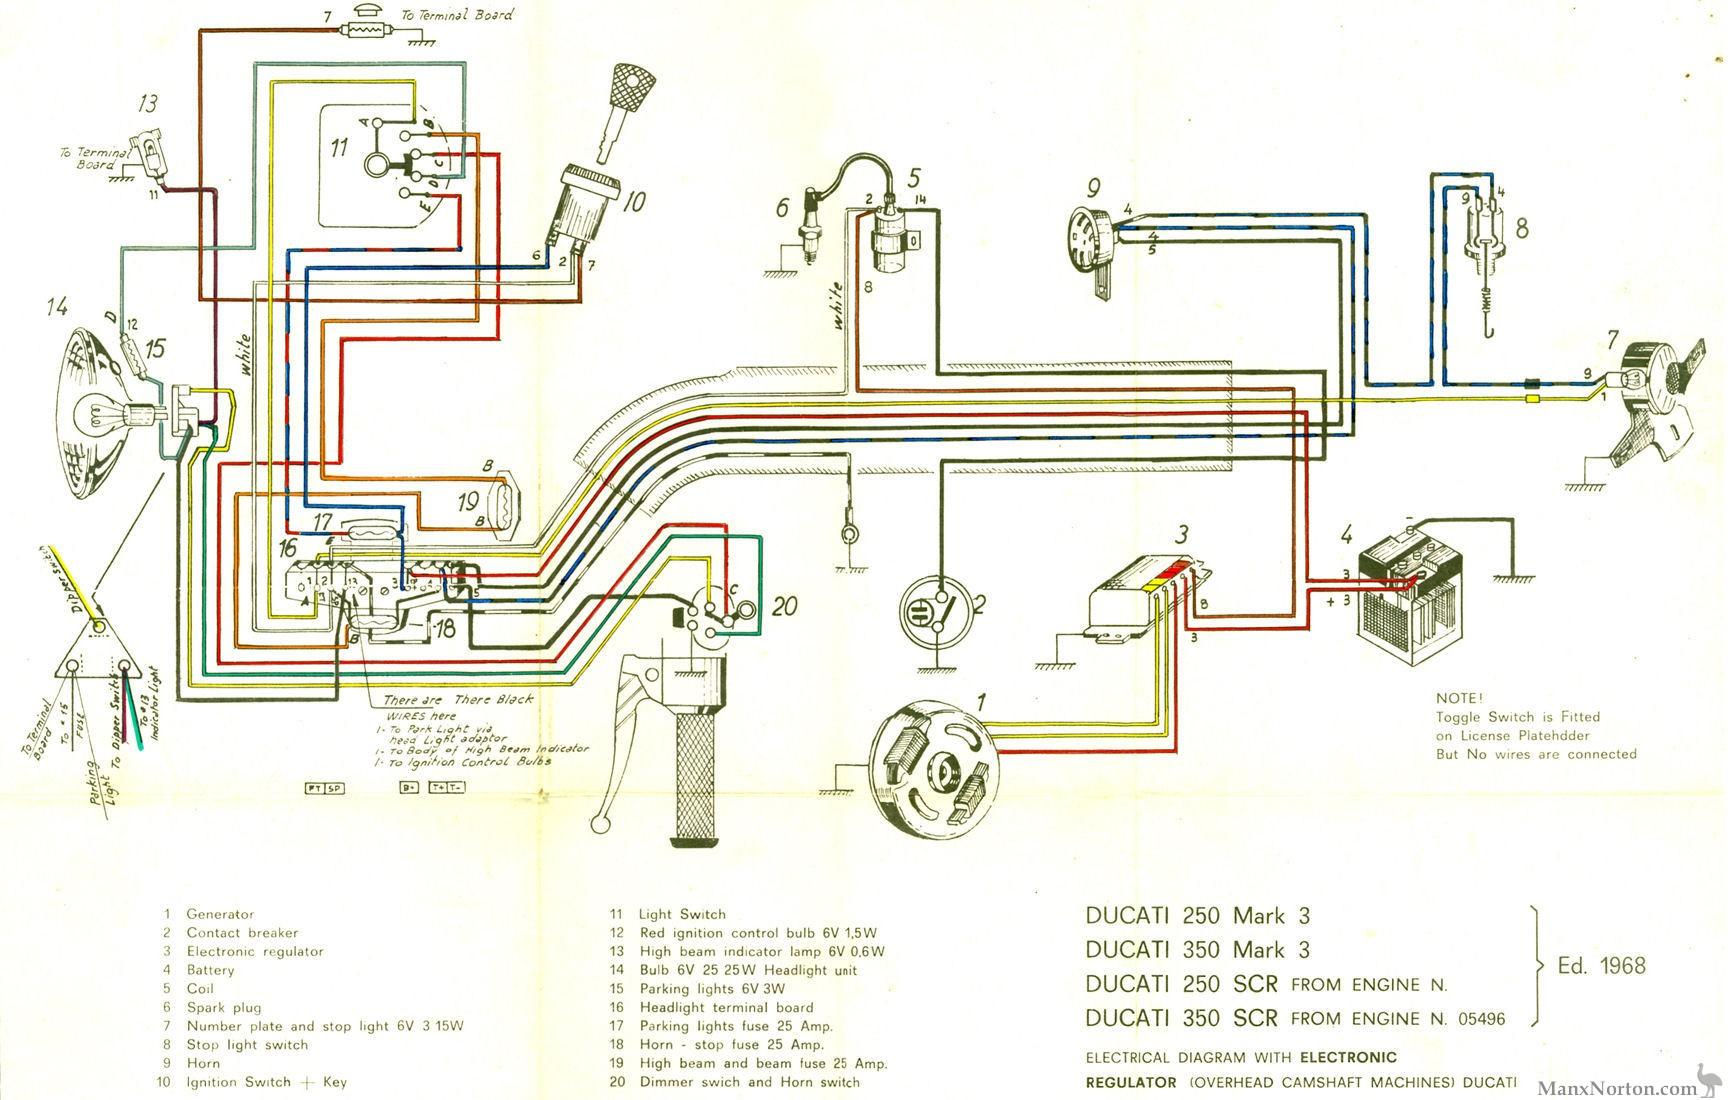 husky 800 wiring diagram wiring diagram specialtieshusky 800 wiring diagram best wiring libraryhusky 800 wiring diagram schematics wiring diagrams u2022 rh seniorlivinguniversity